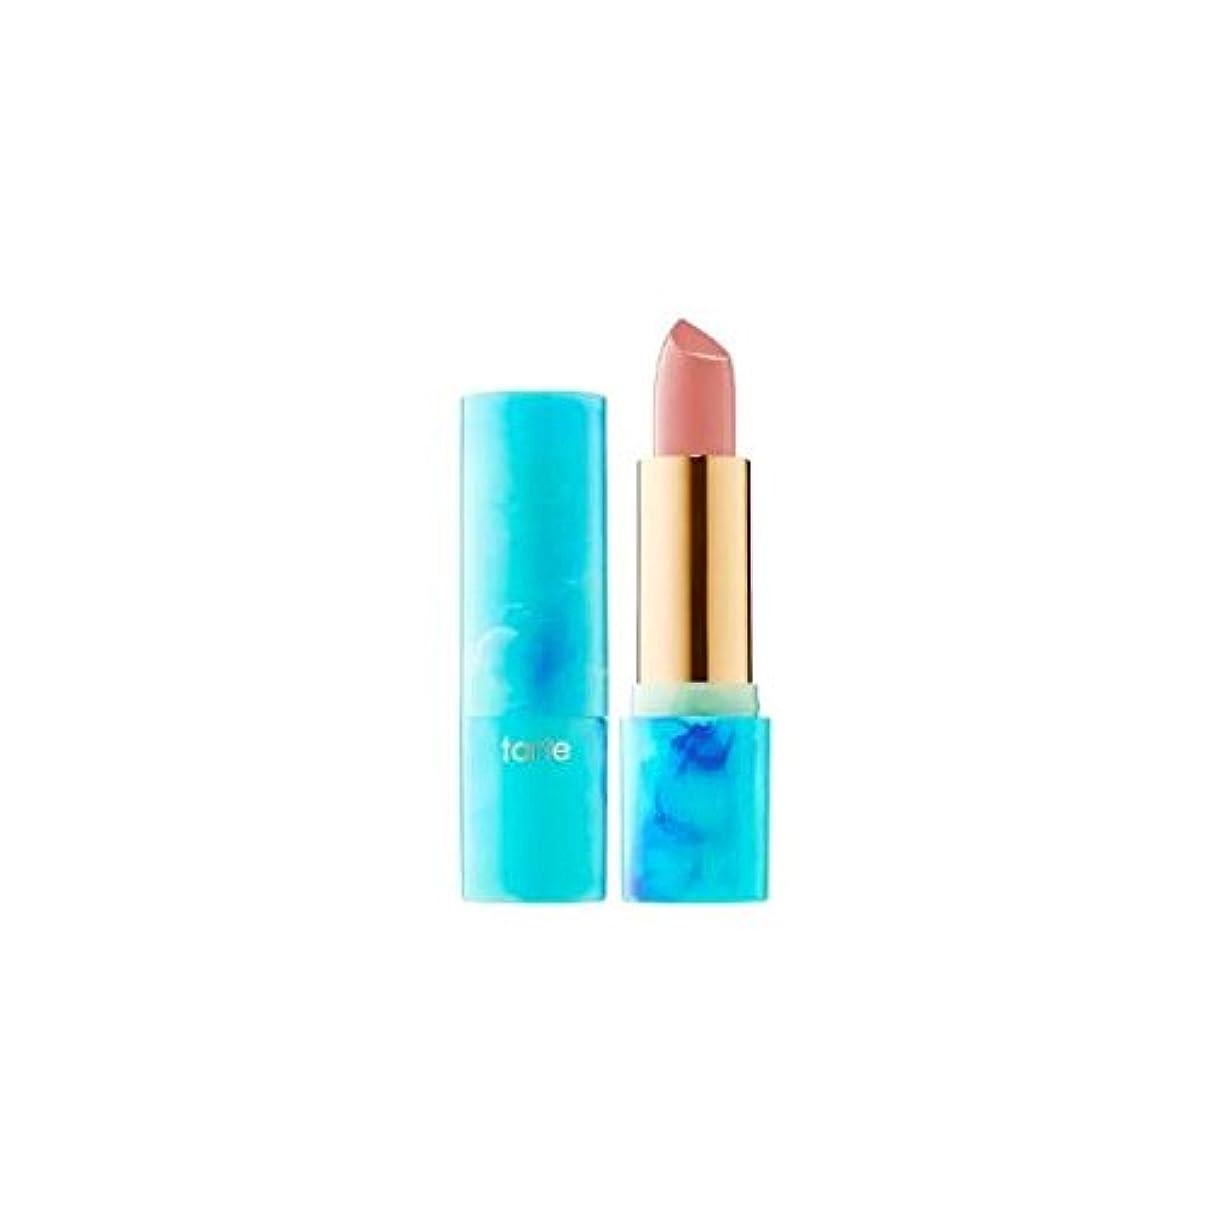 事実上不運船上tarteタルト リップ Color Splash Lipstick - Rainforest of the Sea Collection Satin finish